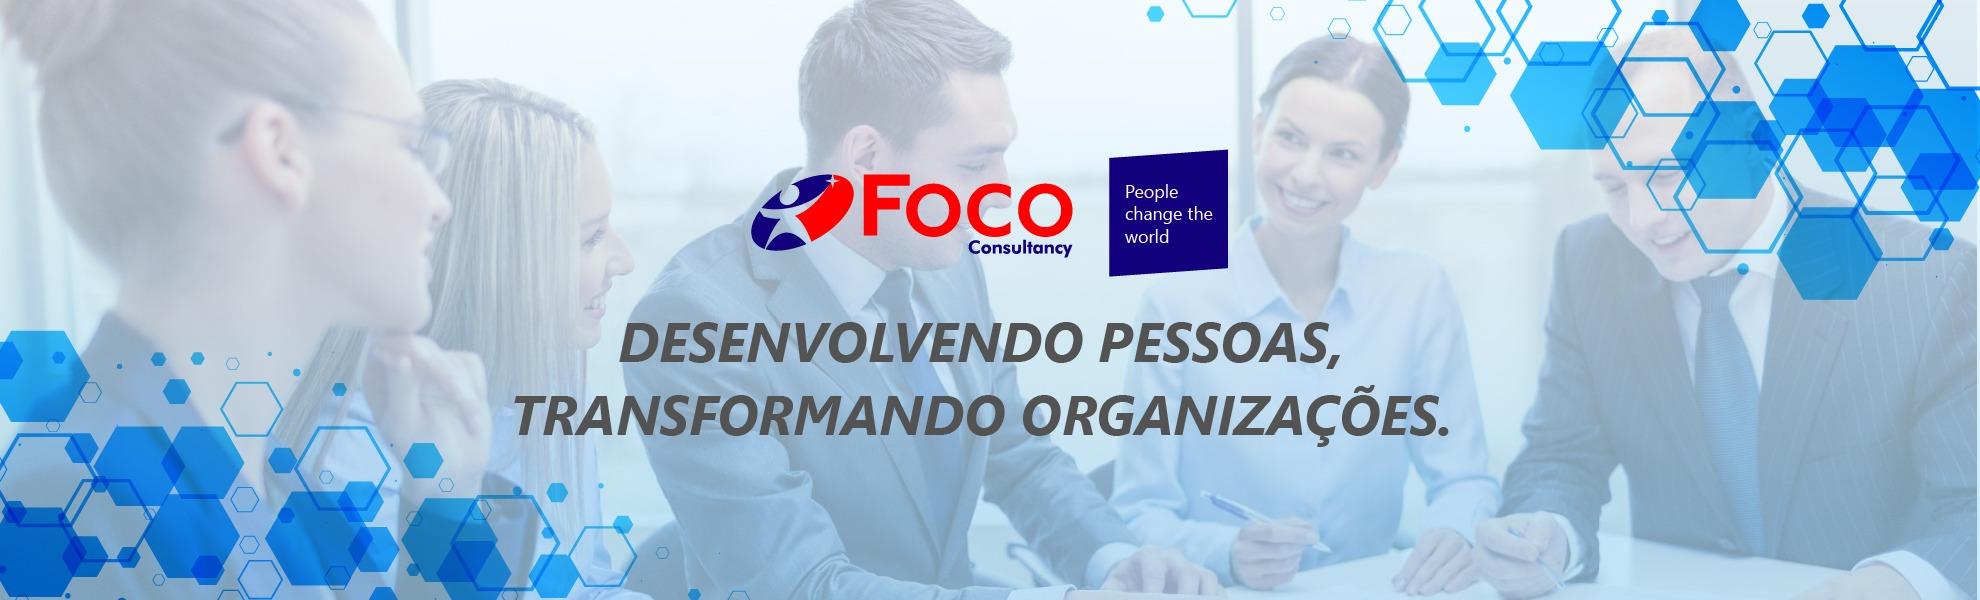 Foco Consultancy